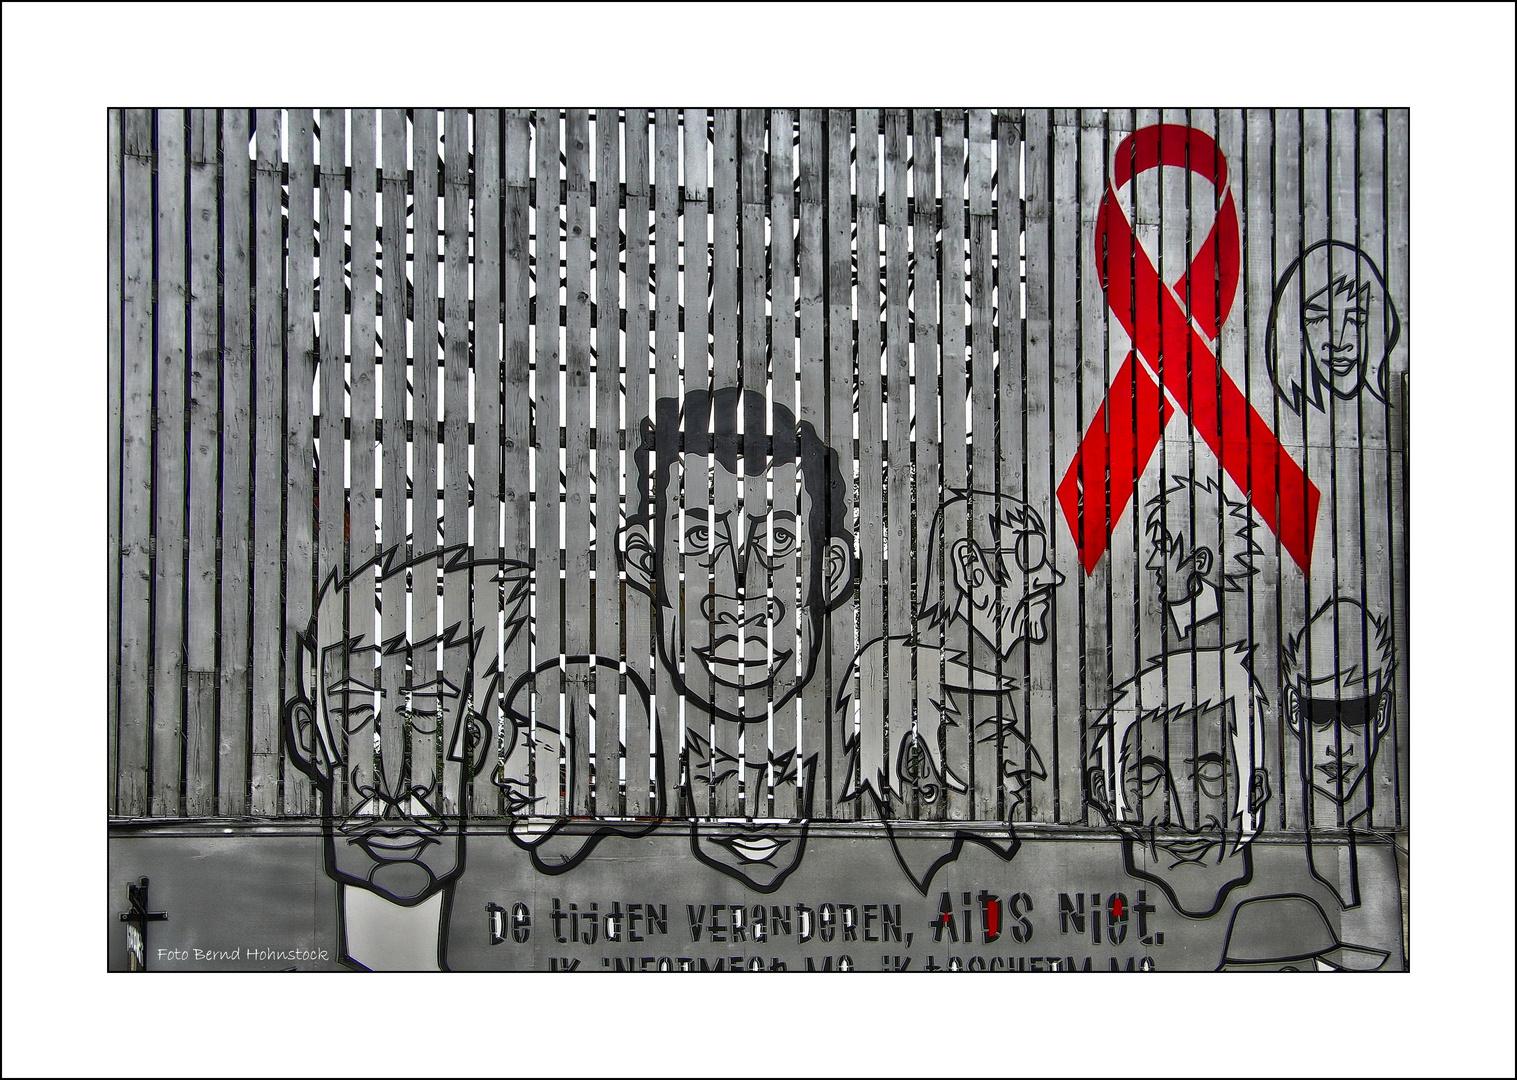 Aids ... Niet.